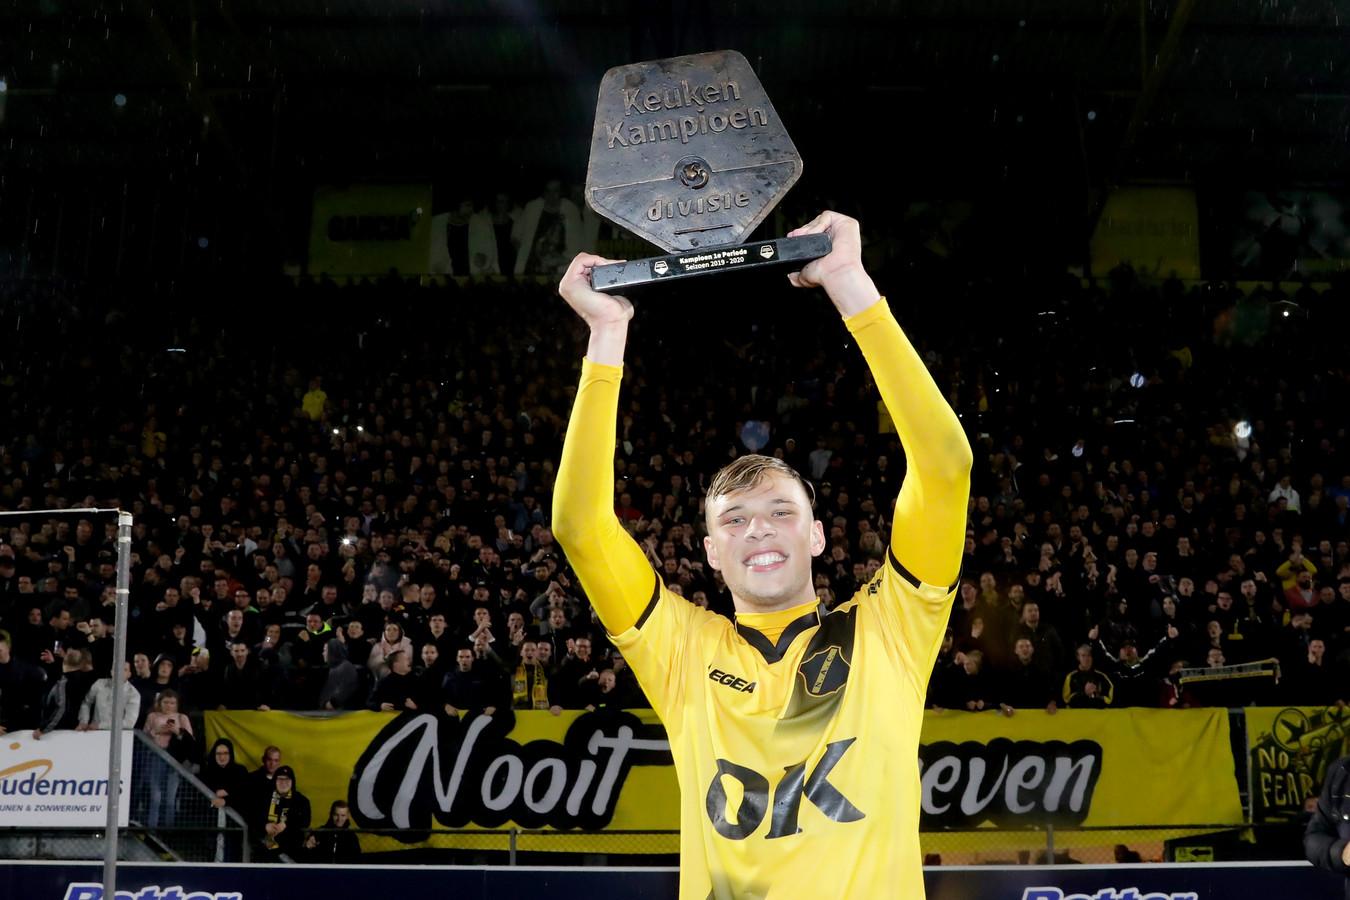 De grote man was uiteraard Sydney van Hooijdonk. Hij poseert voor de B-Side met de prijs.